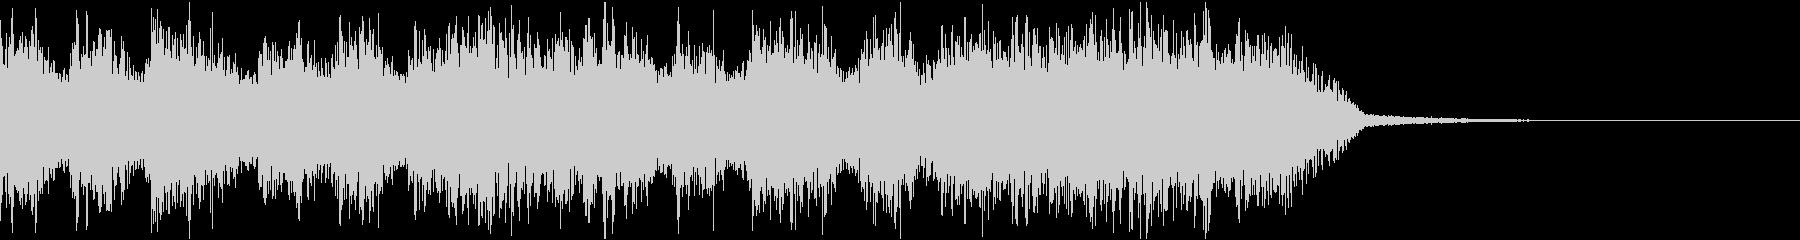 エネルギッシュ・ロックなサウンドロゴ07の未再生の波形